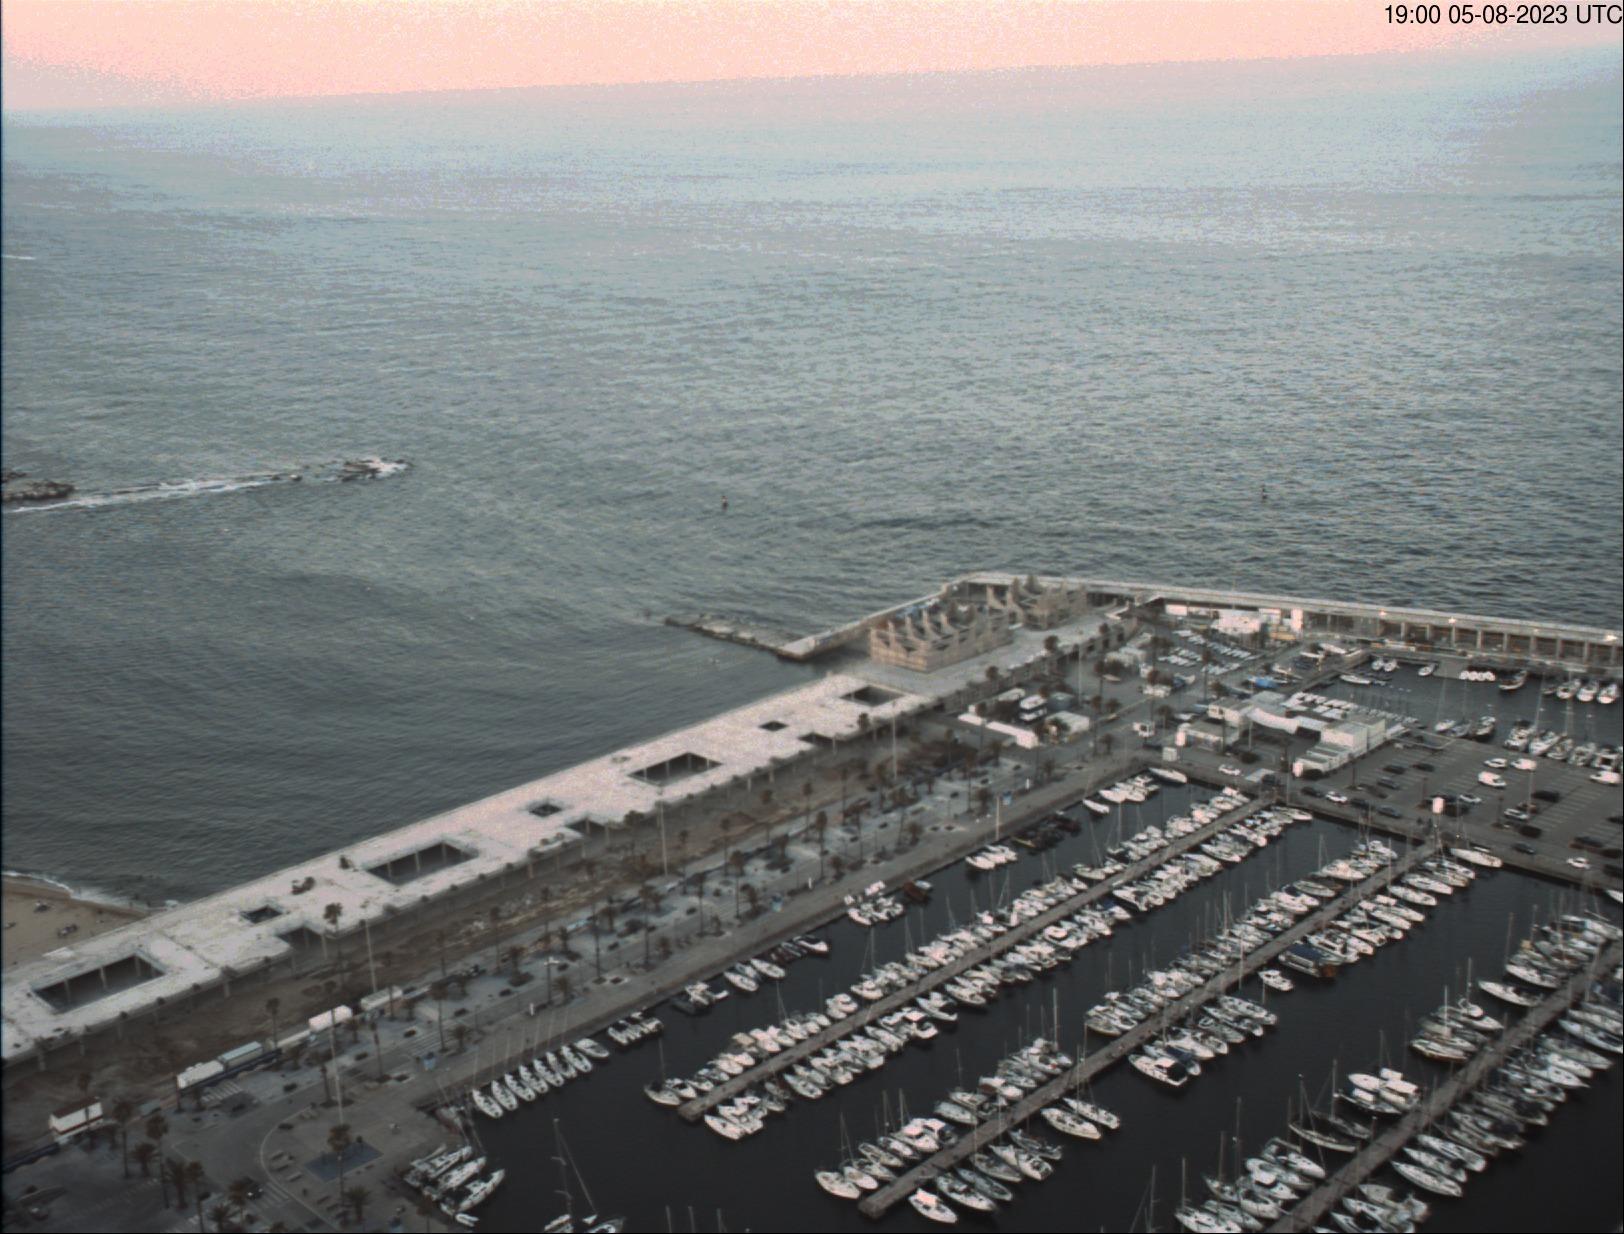 Port Olímpic – Webcam 1